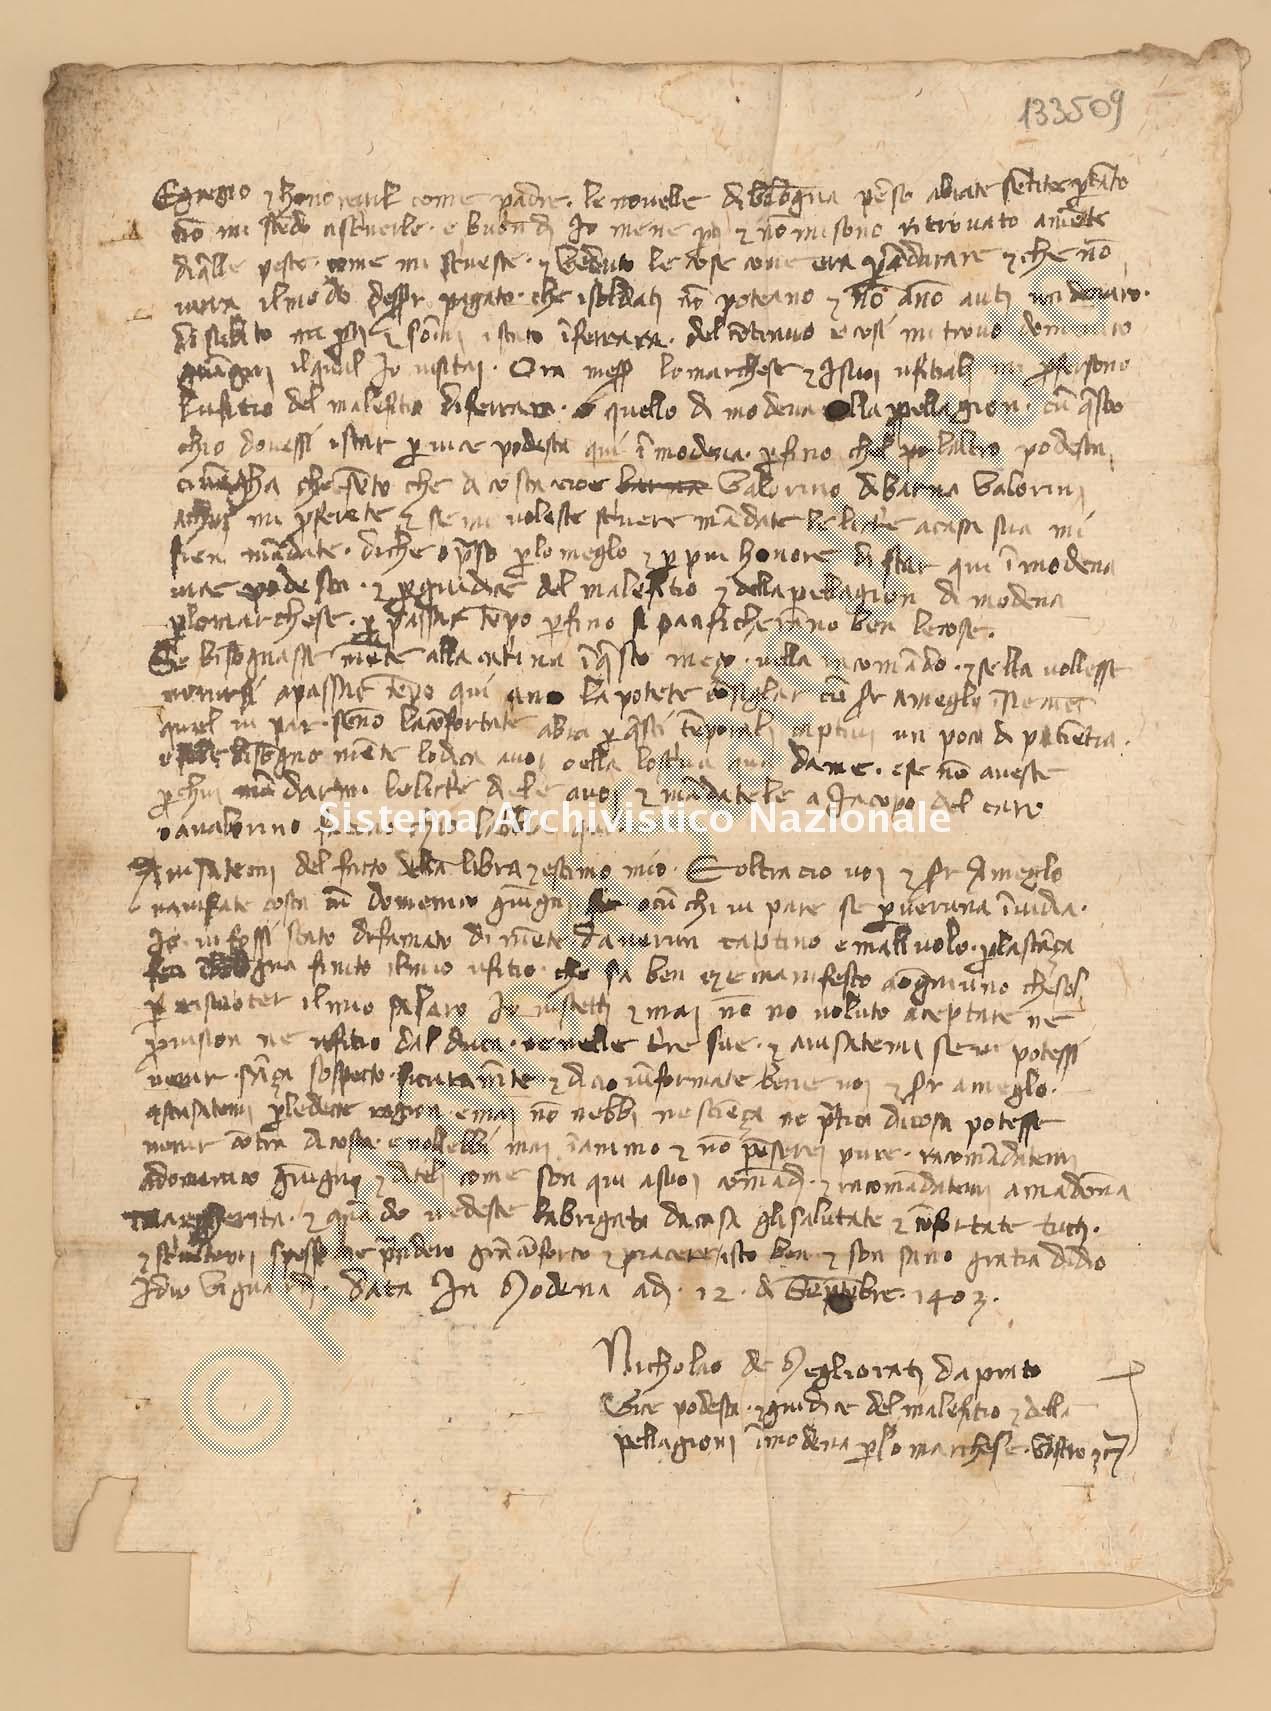 Archivio di Stato di Prato, Fondo Datini, Lettere di vari a Francesco Datini, 1097.17 Lettere Di Migliorati Niccolaio Di Messer Lapo, Dottore In Legge a Datini Francesco Di Marco (busta 1097, inserto 17, codice 133509)